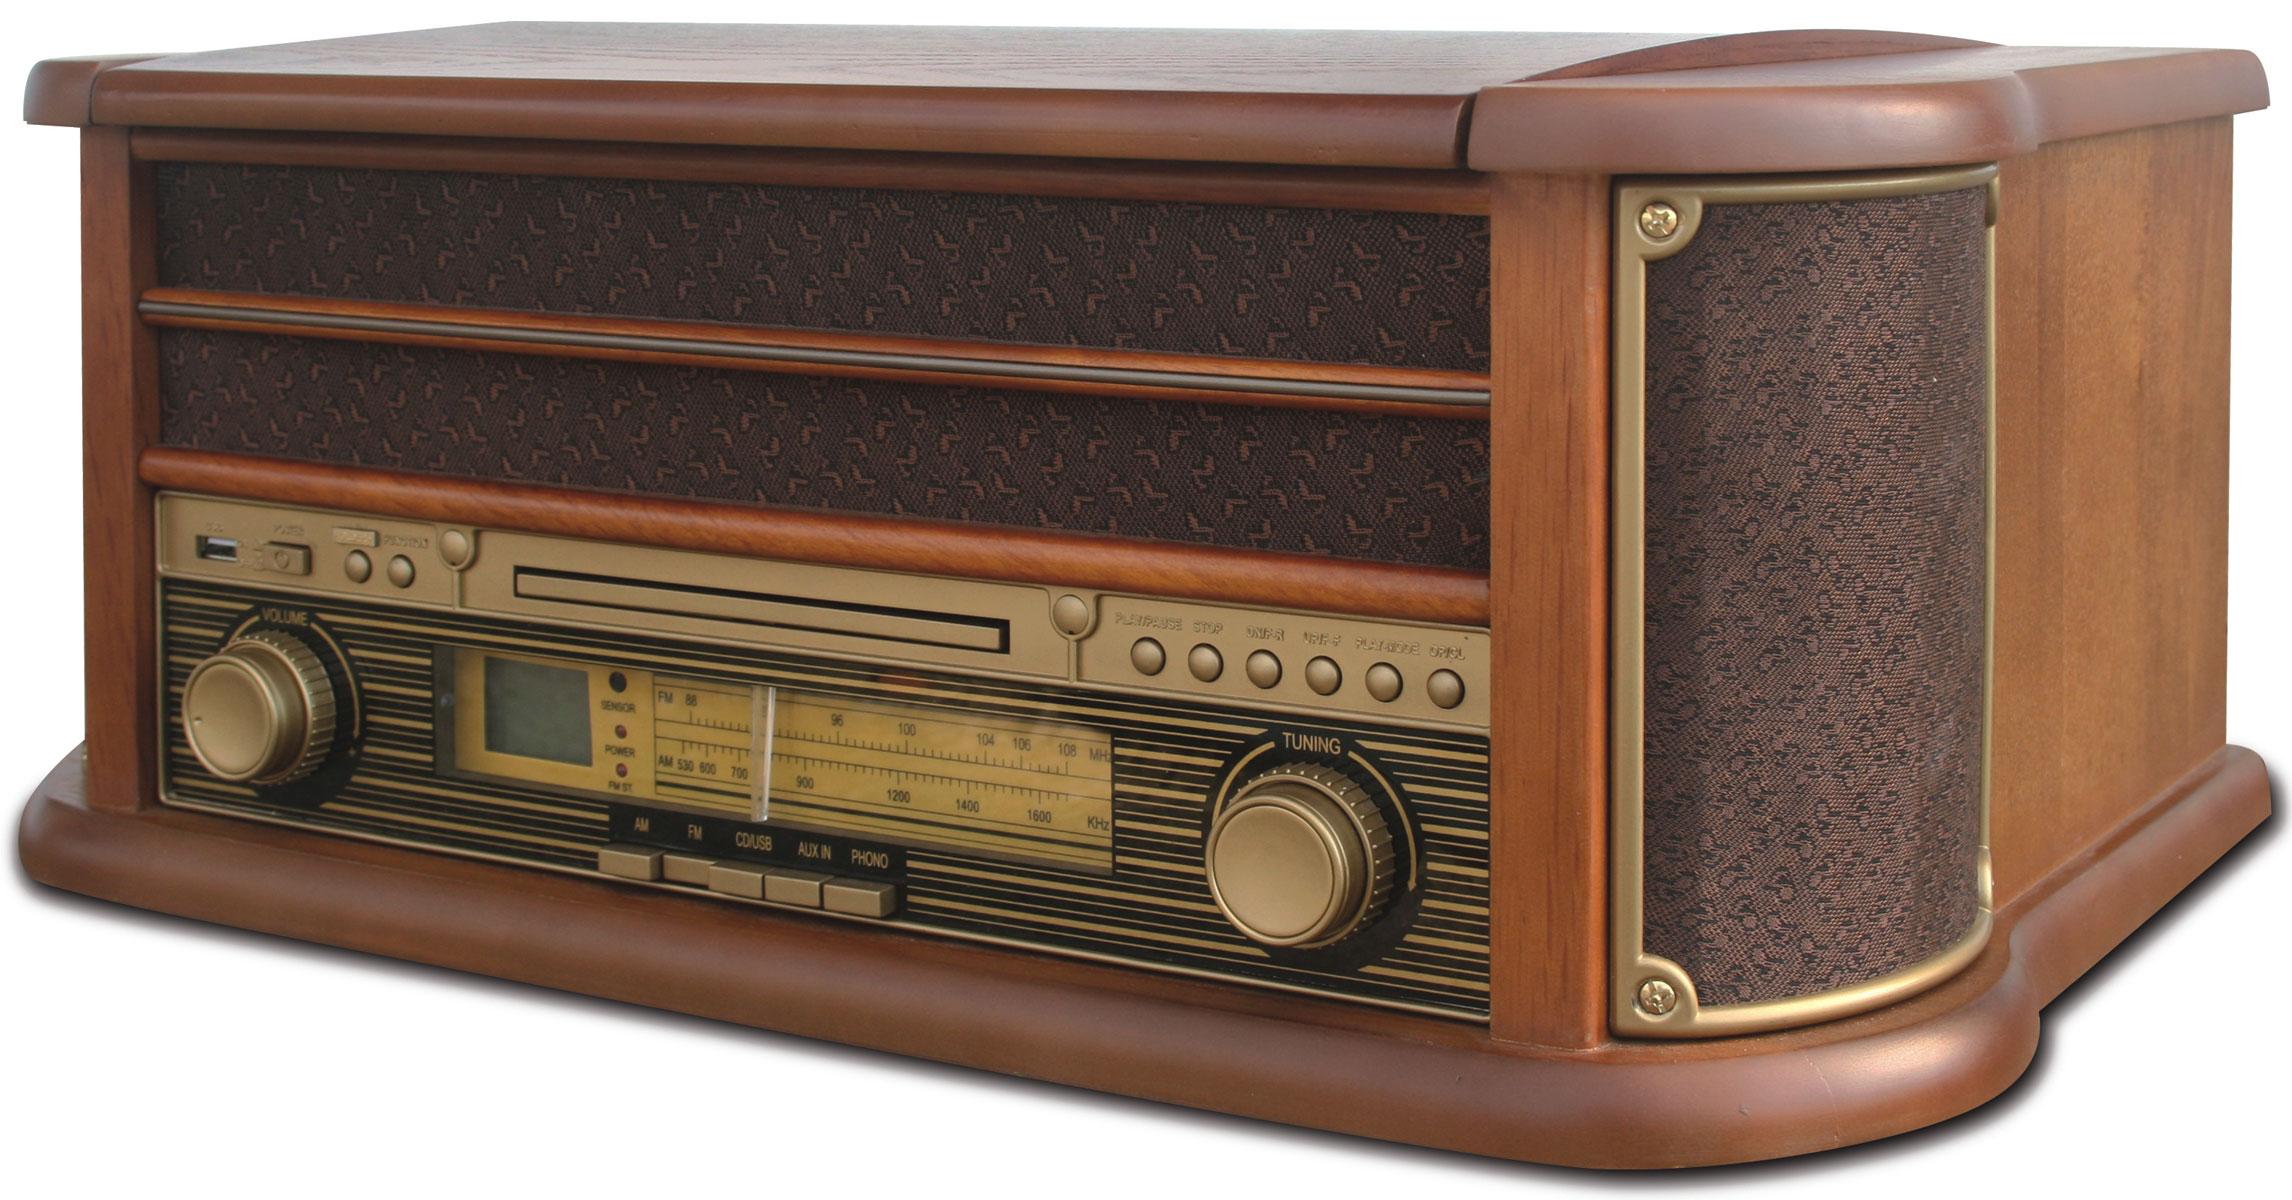 Camry CR1111K проигрыватель виниловых дисковCR1111Оригинальный проигрыватель виниловых пластинок Crosley CR1111K с возможностью прослушивания CD дисков и радиостанций в диапазоне FM/AM. Выполнен в ретро стиле. Три скорости воспроизведения позволяют прослушивать пластинки практически всех типов, а благодаря встроенным стереодинамикам, вы сможете слушать музыку без подключения его к акустической системе. Проигрыватель Crosley CR1111K оснащен USB-портом для флэш-накопителя, который позволяет за считанные минуты преобразовать любую запись с пластинки в MP3- версию. Суммарная мощность колонок: 5 Вт